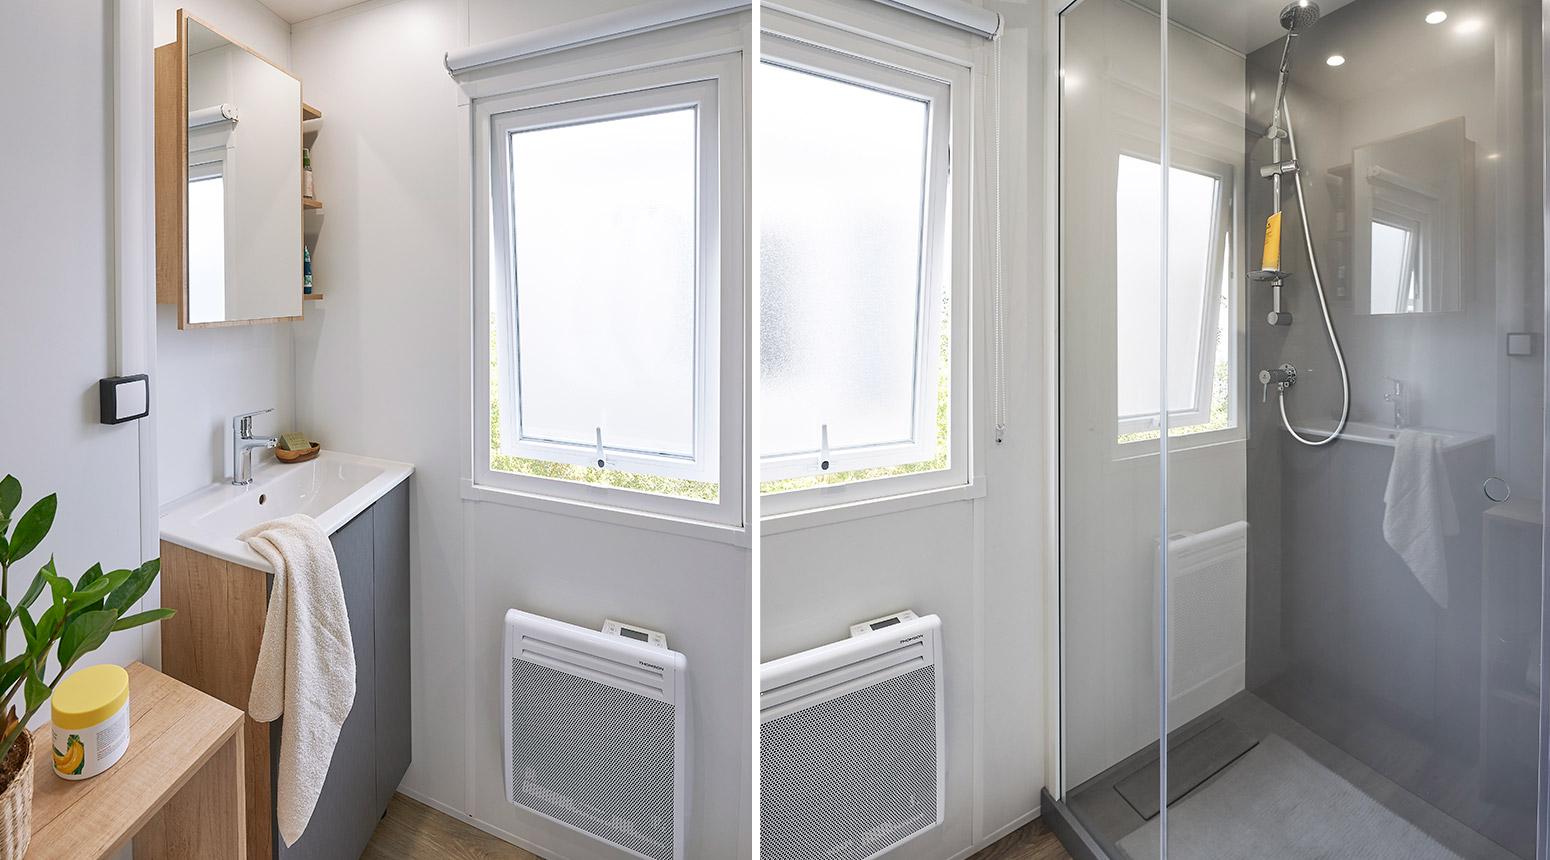 Rapidhome Elite 1153 - Neuf - Résidentiel - 3 Chambres - Zen Mobil home